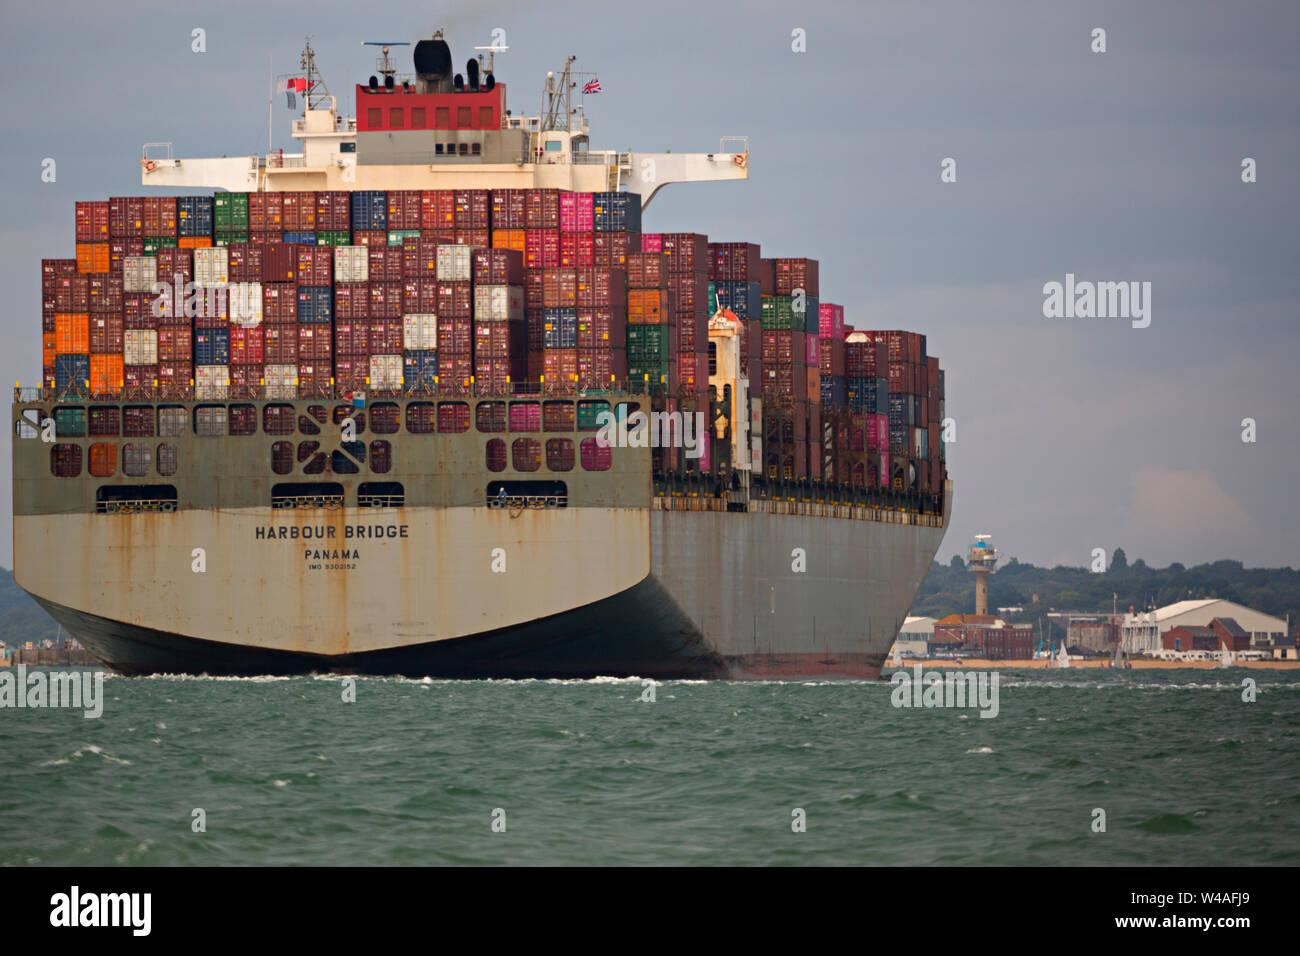 Buque,el Puente Harbour,Panamá, Container,enviar,Southampton,Terminal,el Solent,China,Europa,importar,comercio, Foto de stock